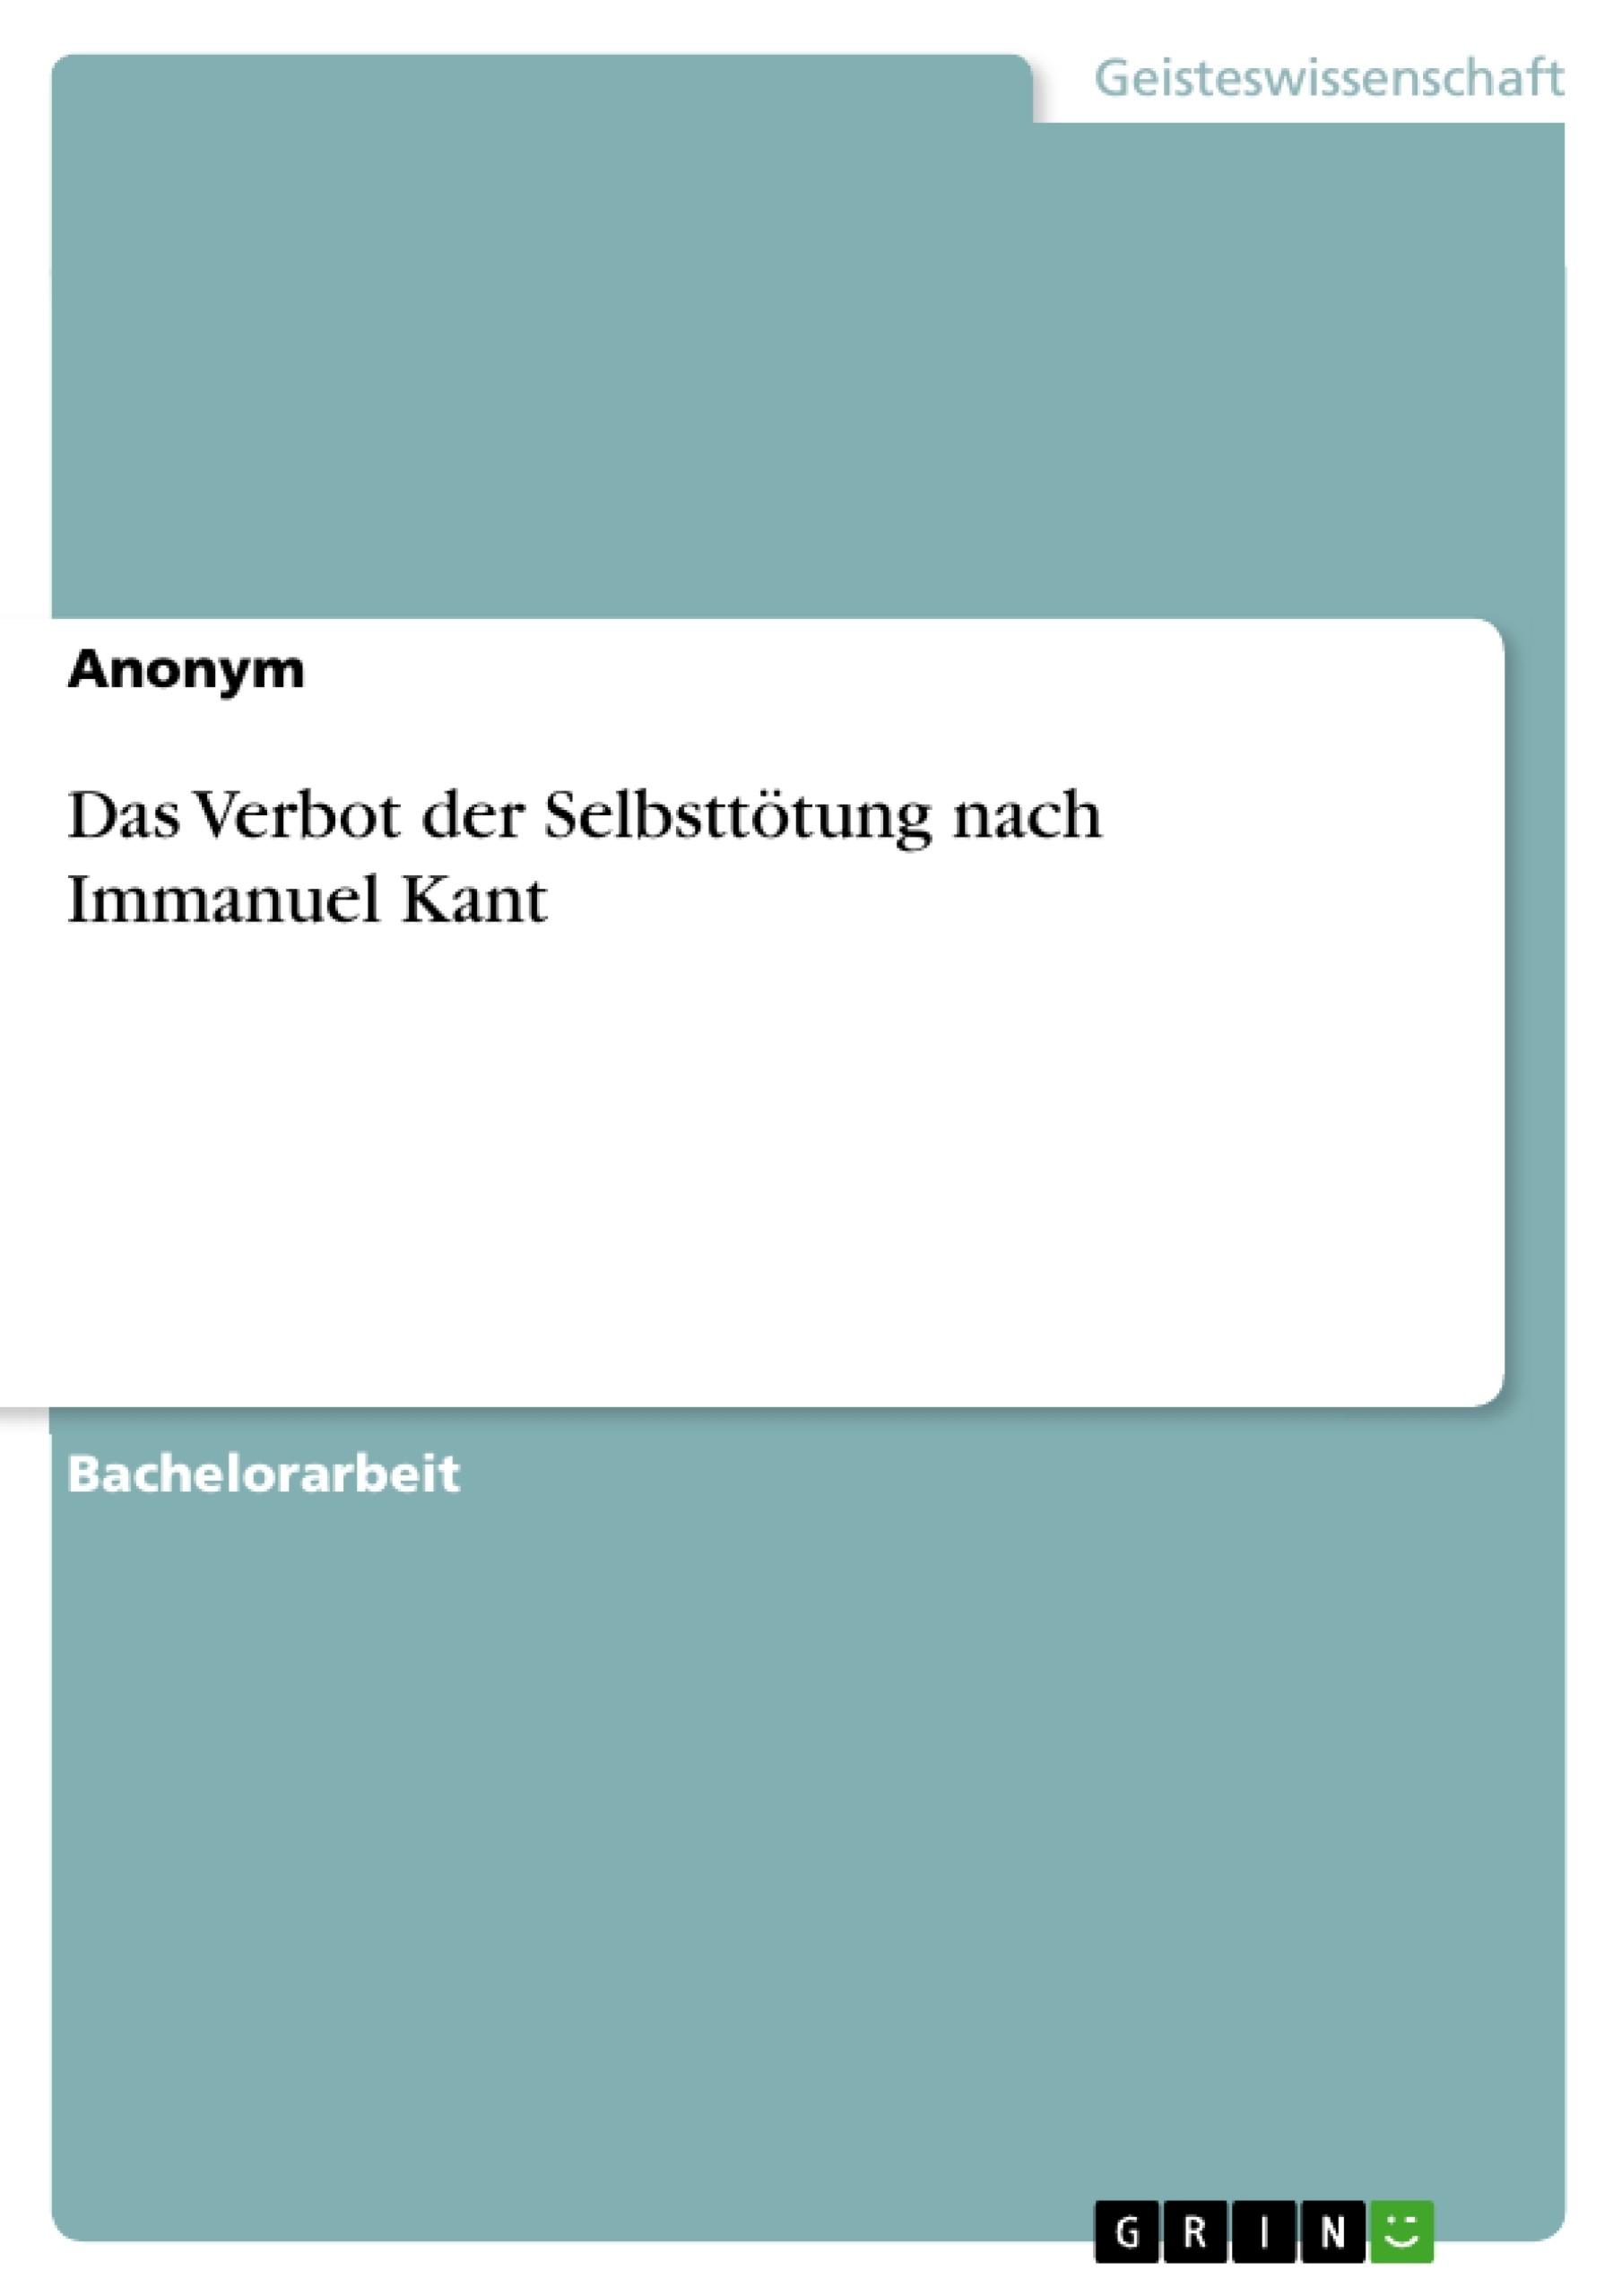 Titel: Das Verbot der Selbsttötung nach Immanuel Kant